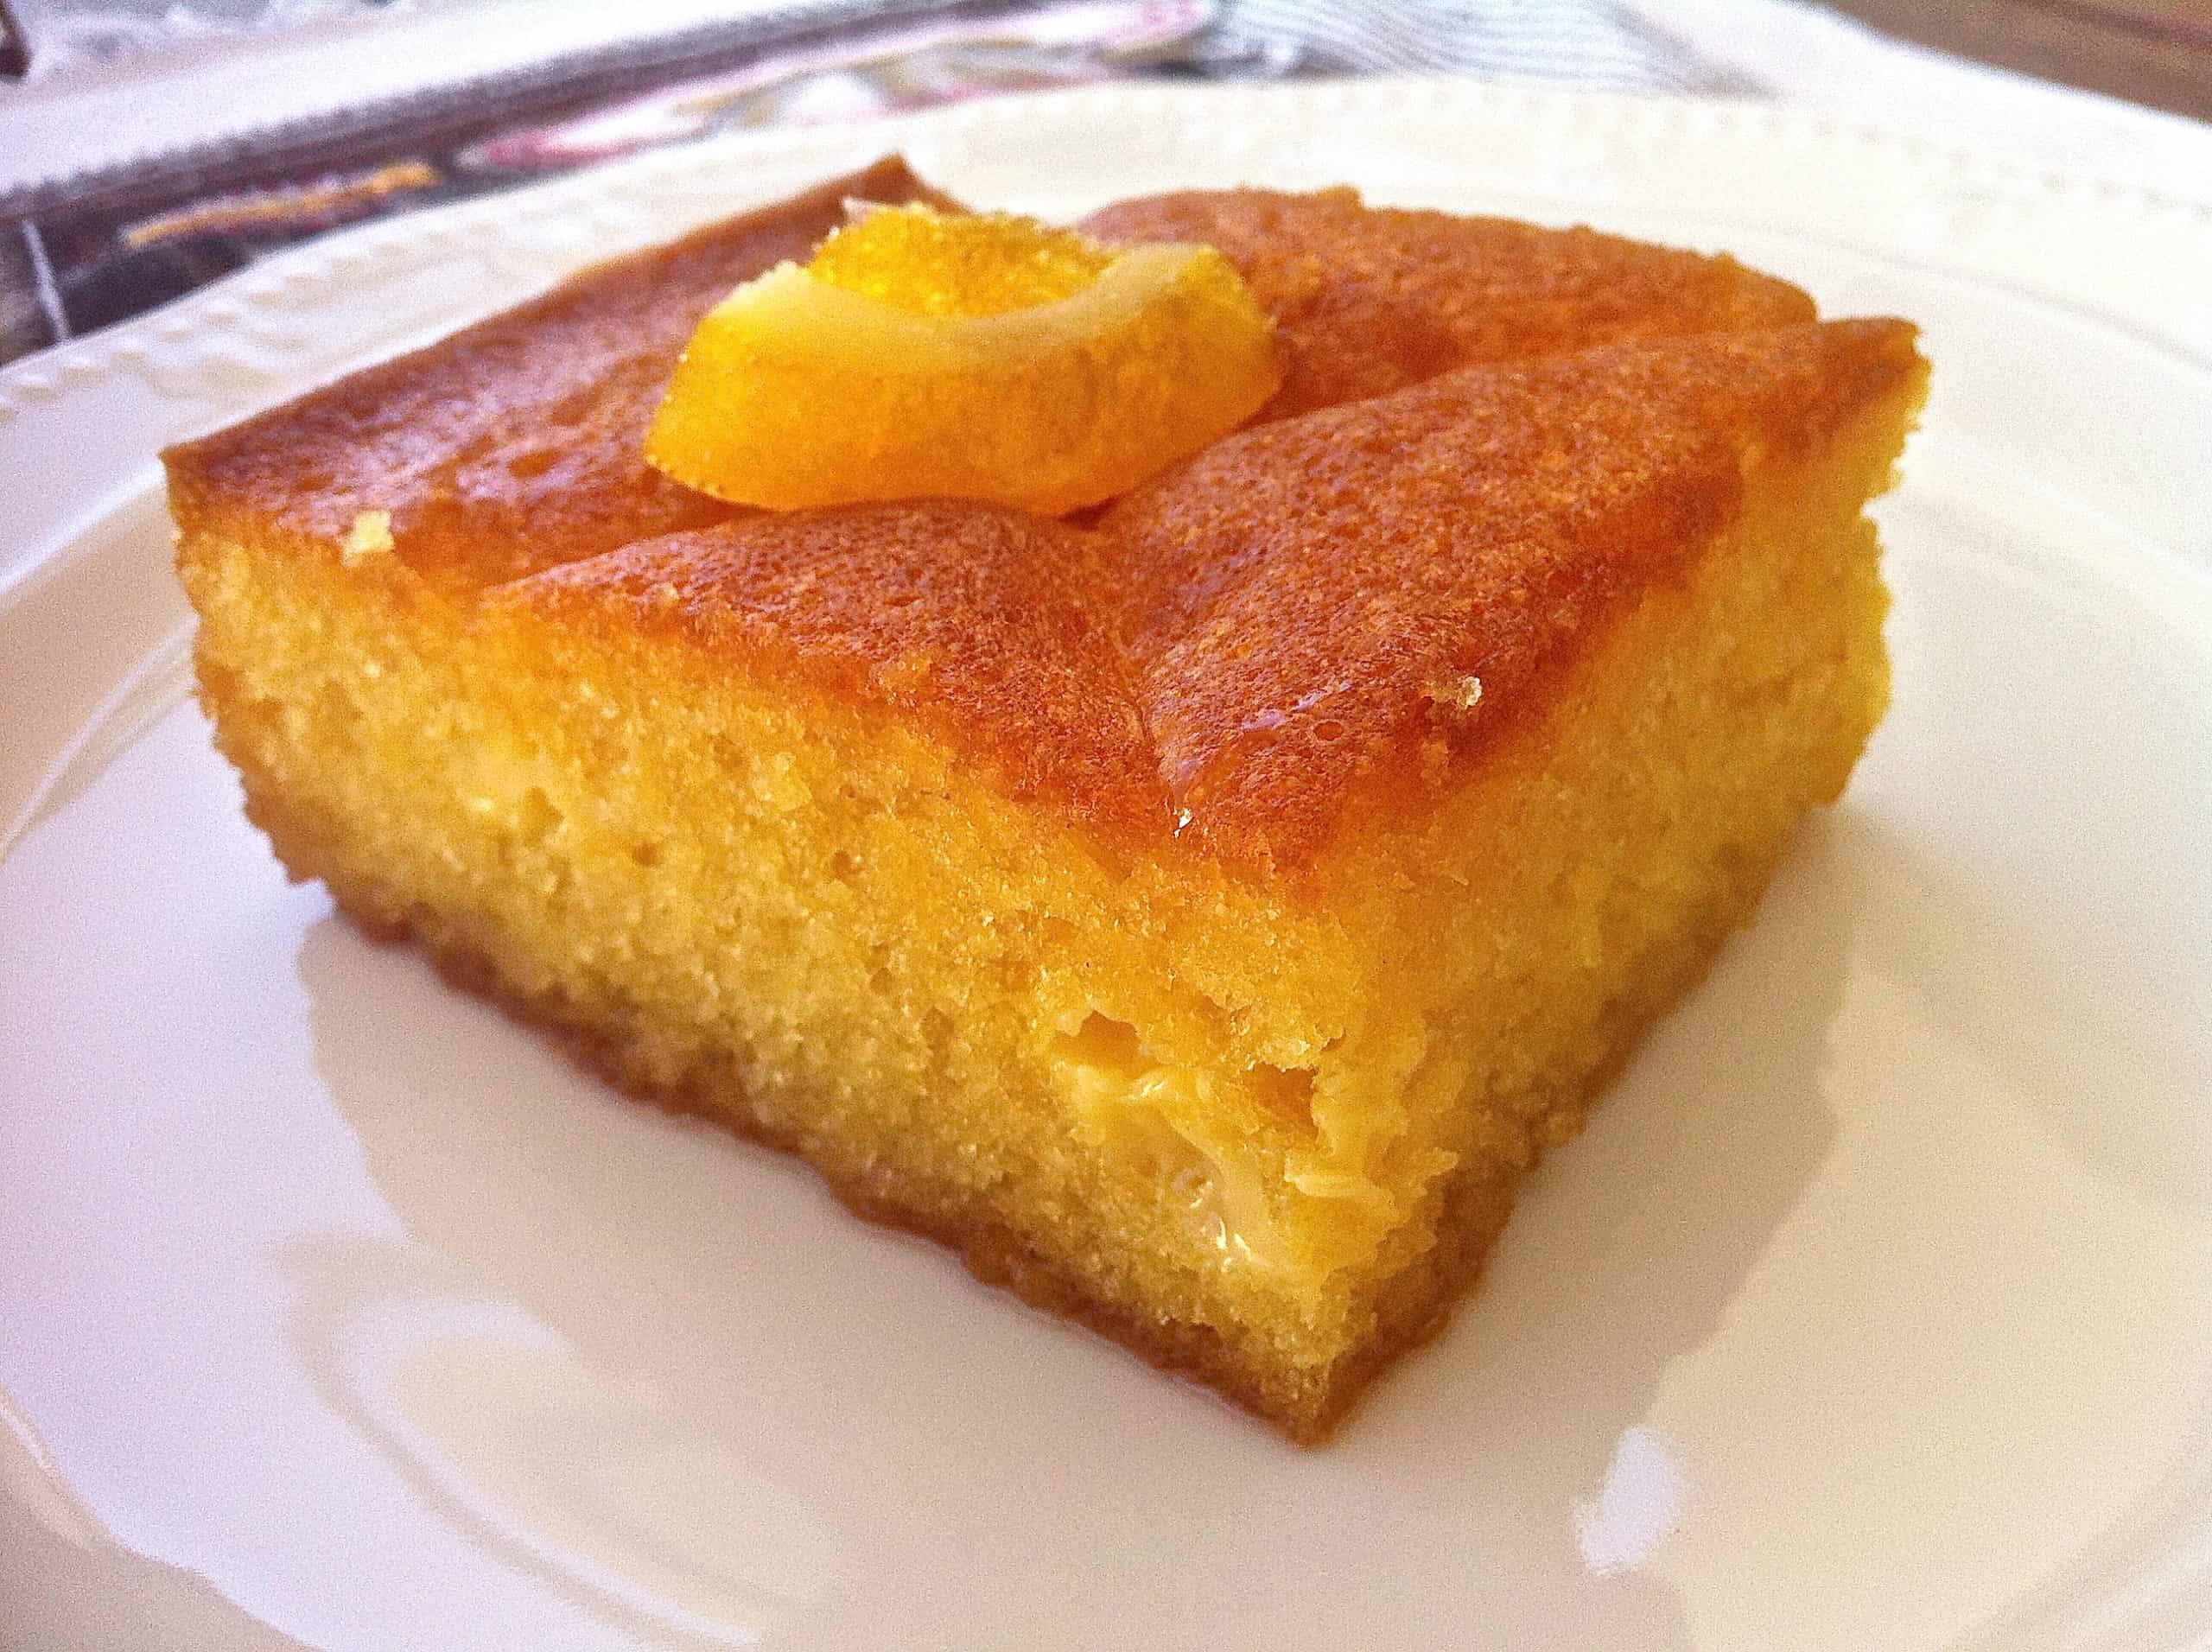 Greek Orange Cake (Portokalopita)